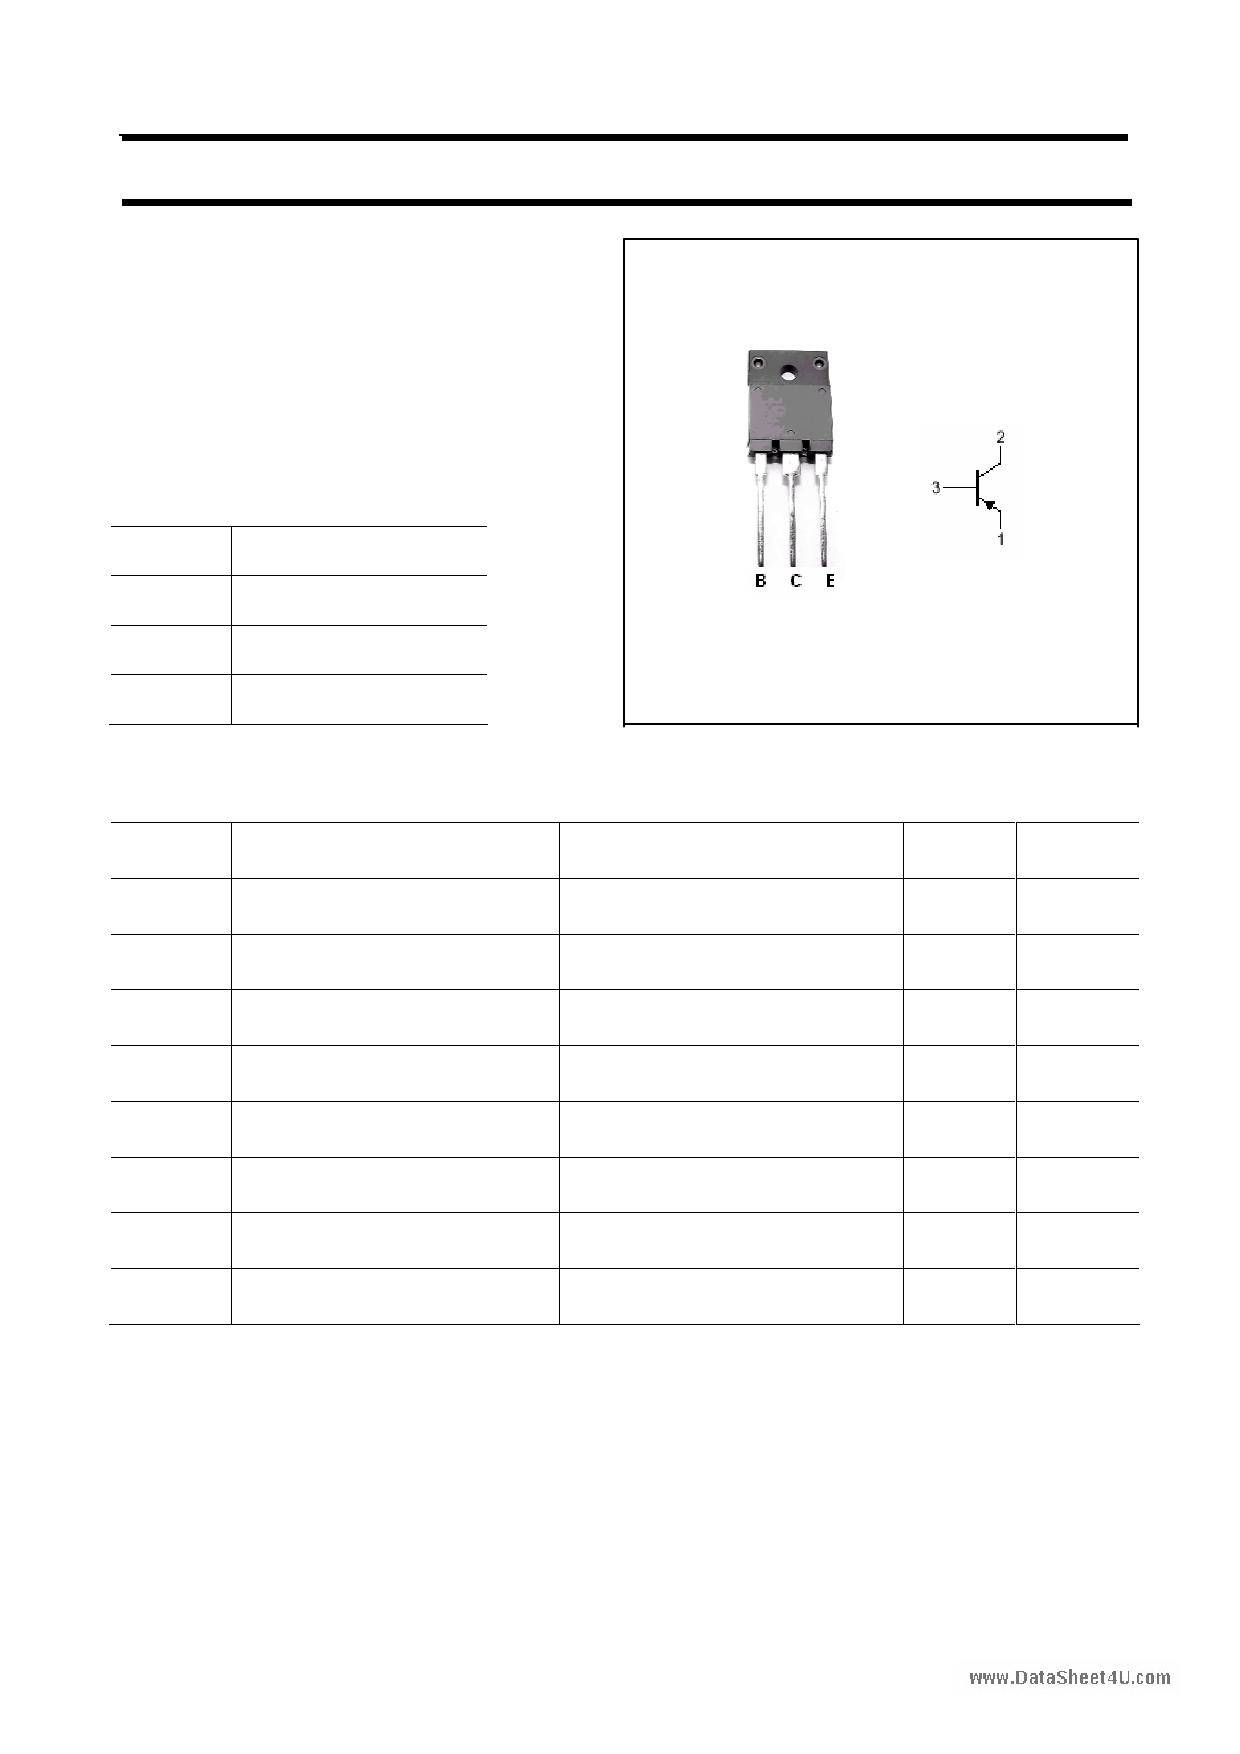 A1907 Datasheet, A1907 PDF,ピン配置, 機能